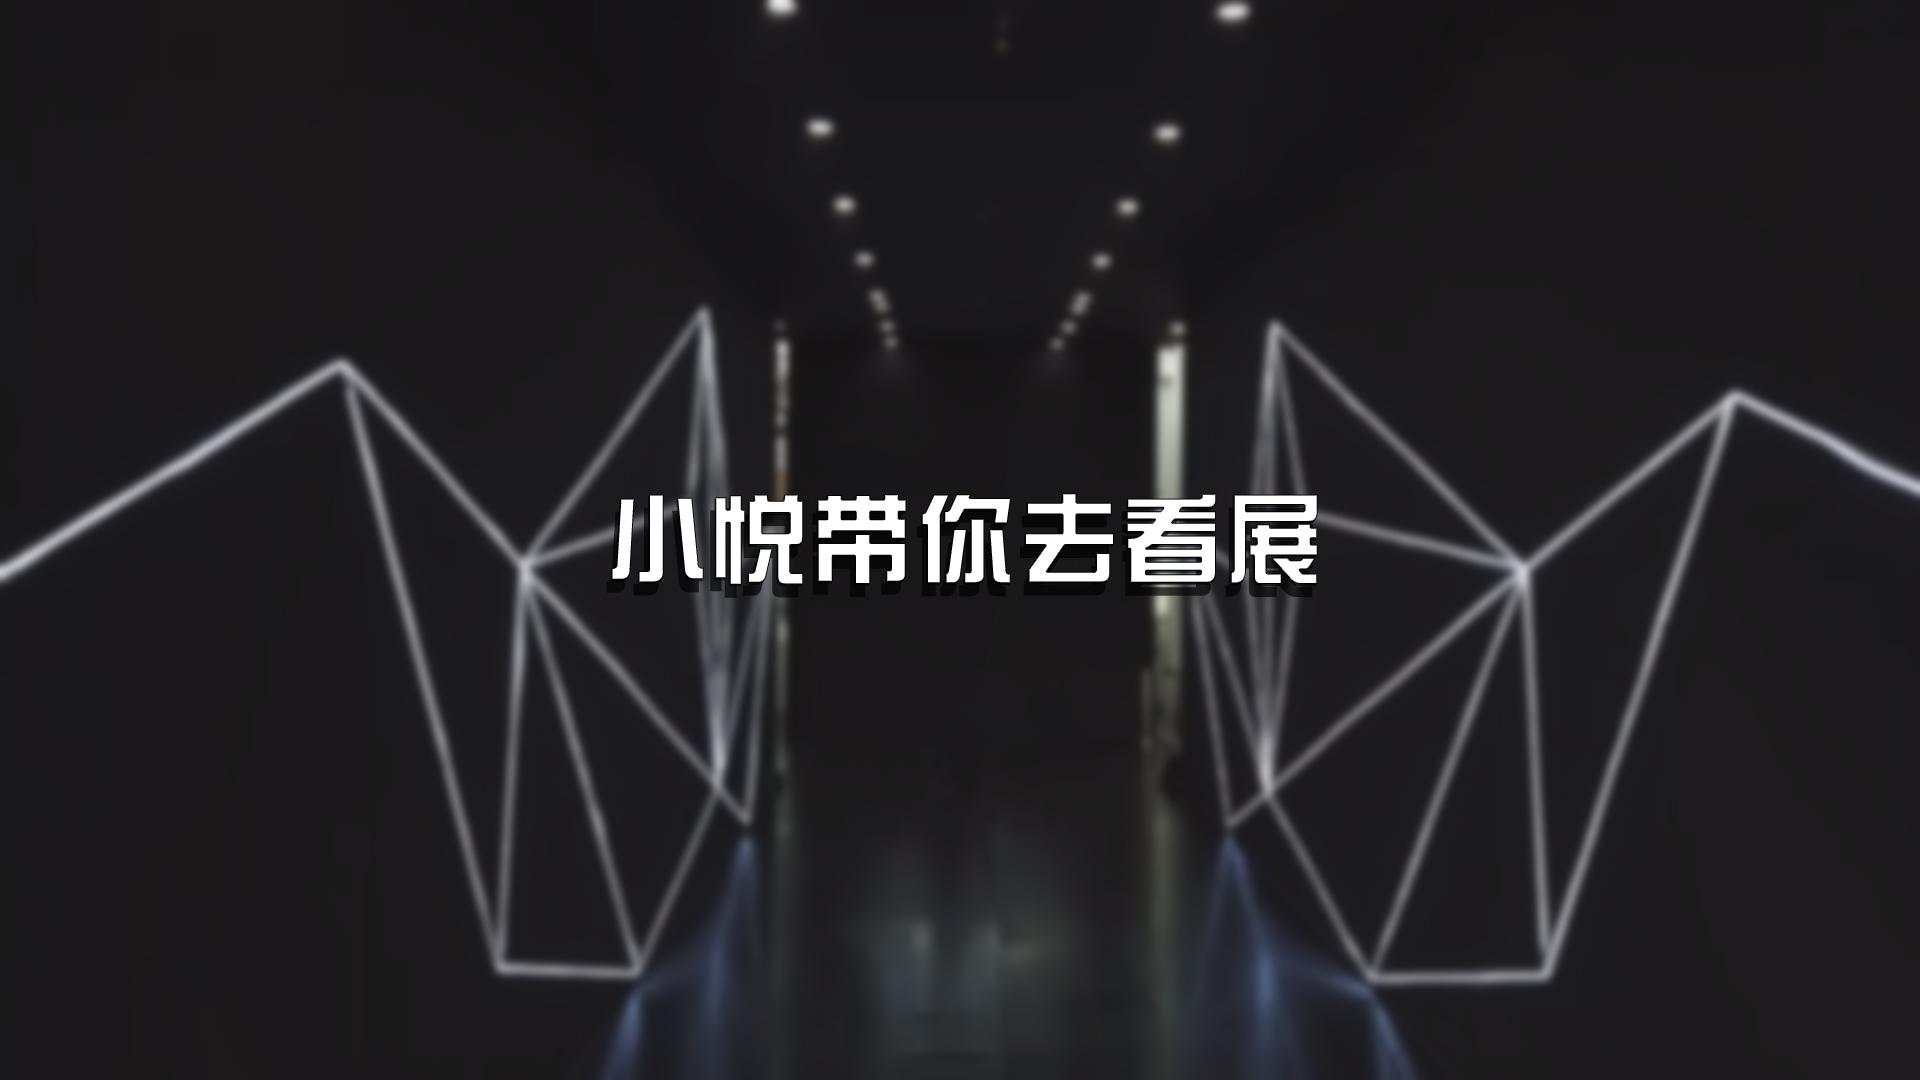 【小悦带你去看展】风语筑AI展区